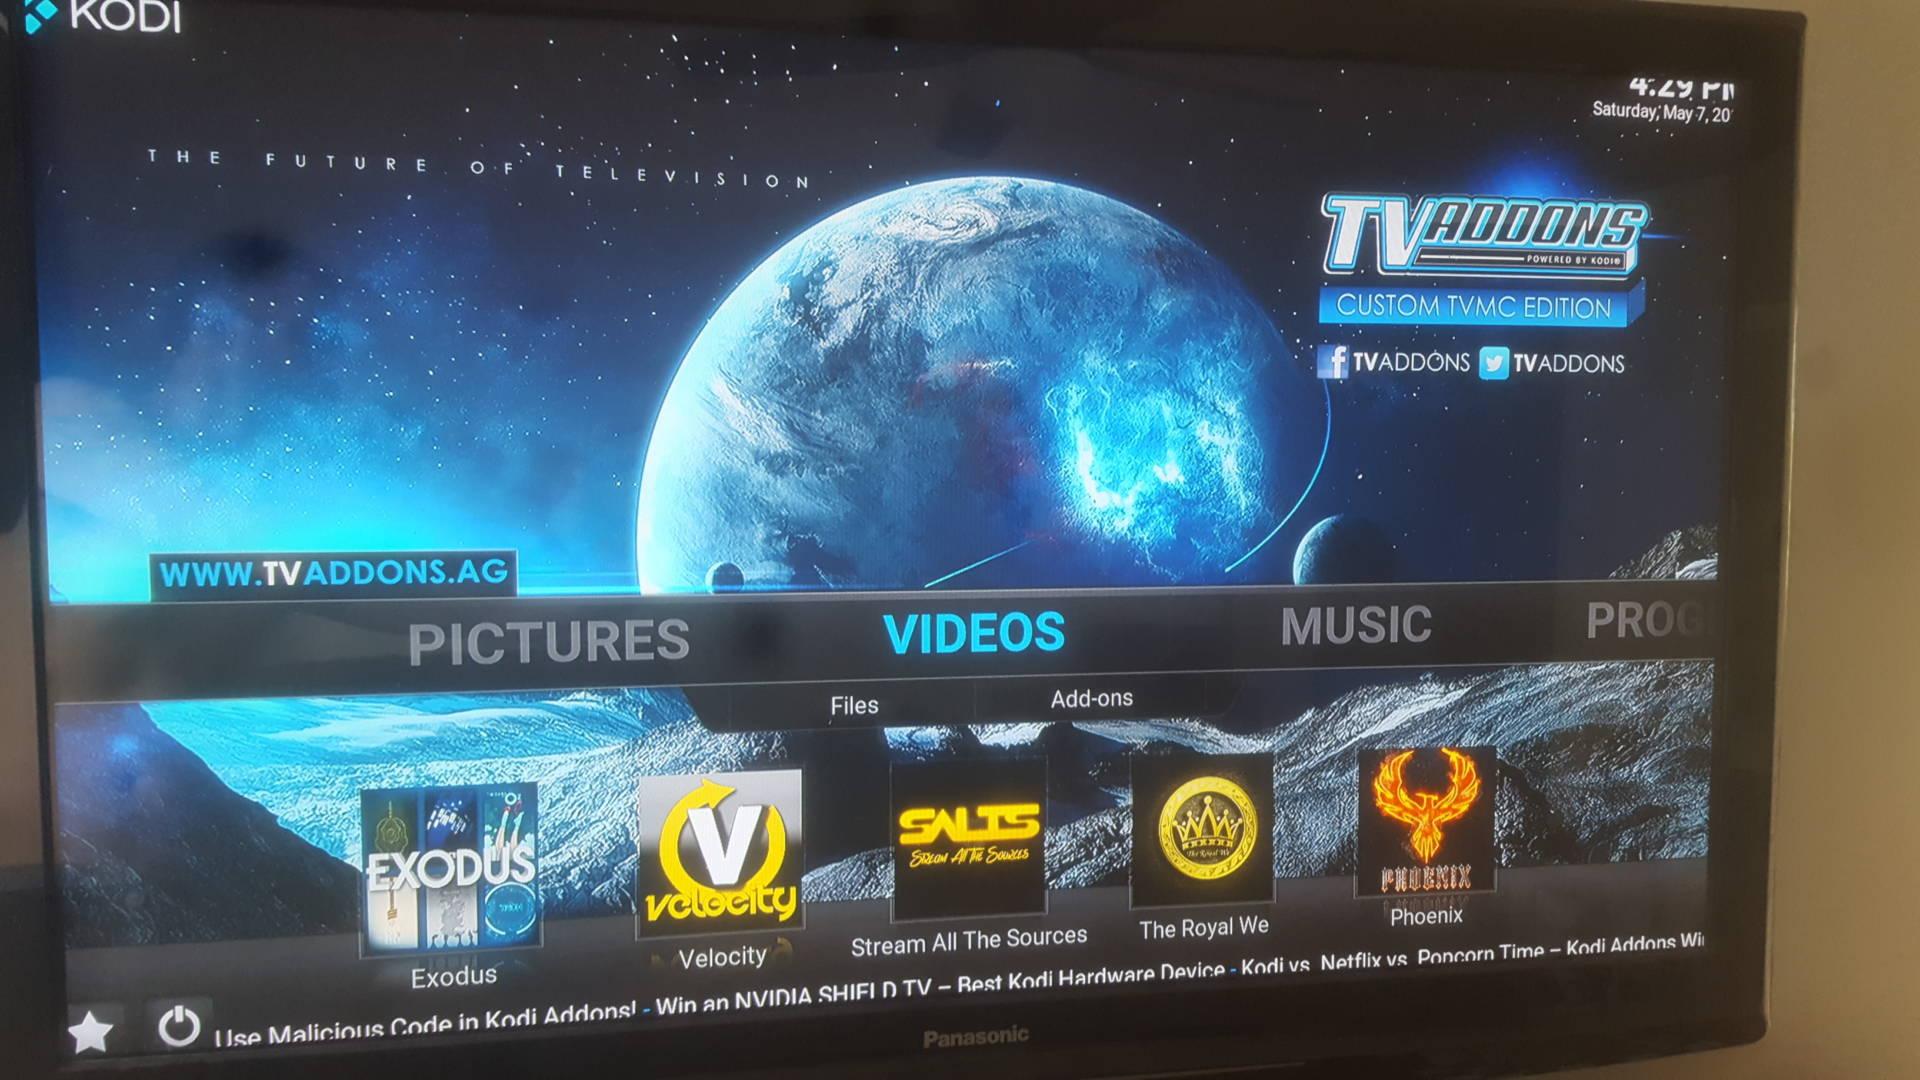 exodus app movie list